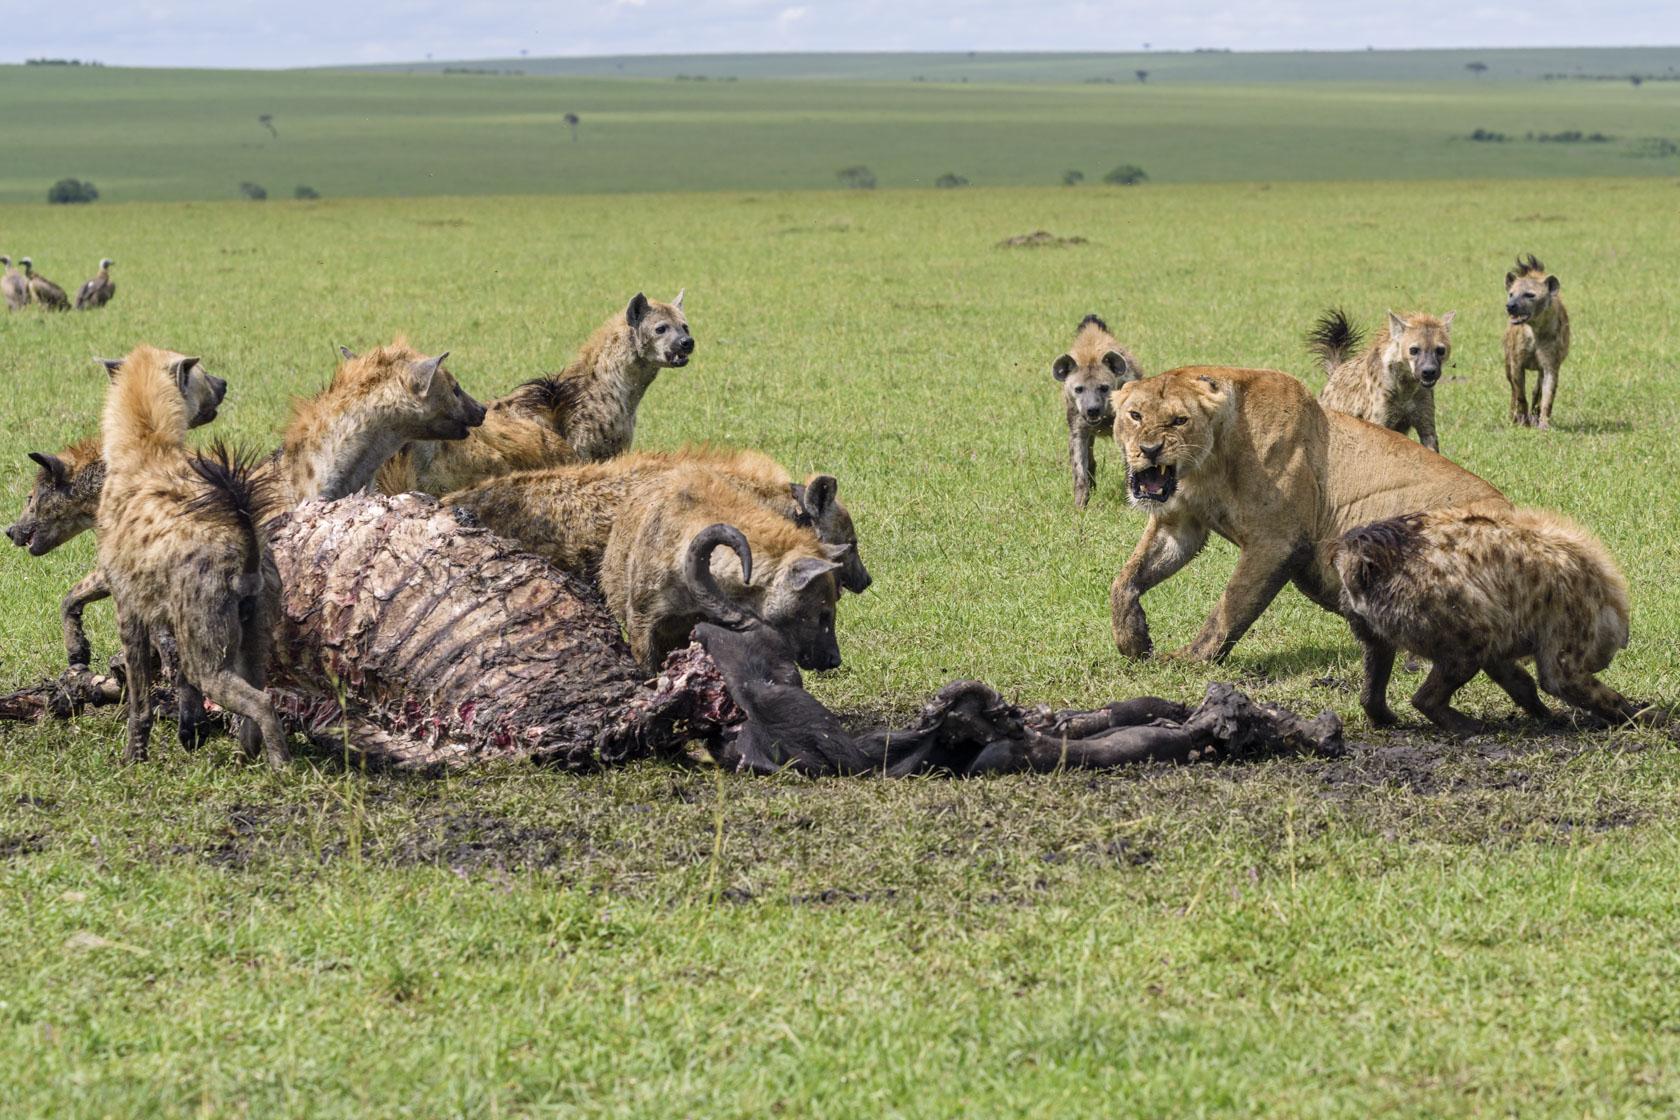 Als sich die männlichen Löwen am nächsten Morgen zum Schlafen in eine Lugga verzogen haben, obsiegen die Hyänen doch noch und vertreiben die Löwin von den Resten des Büffels